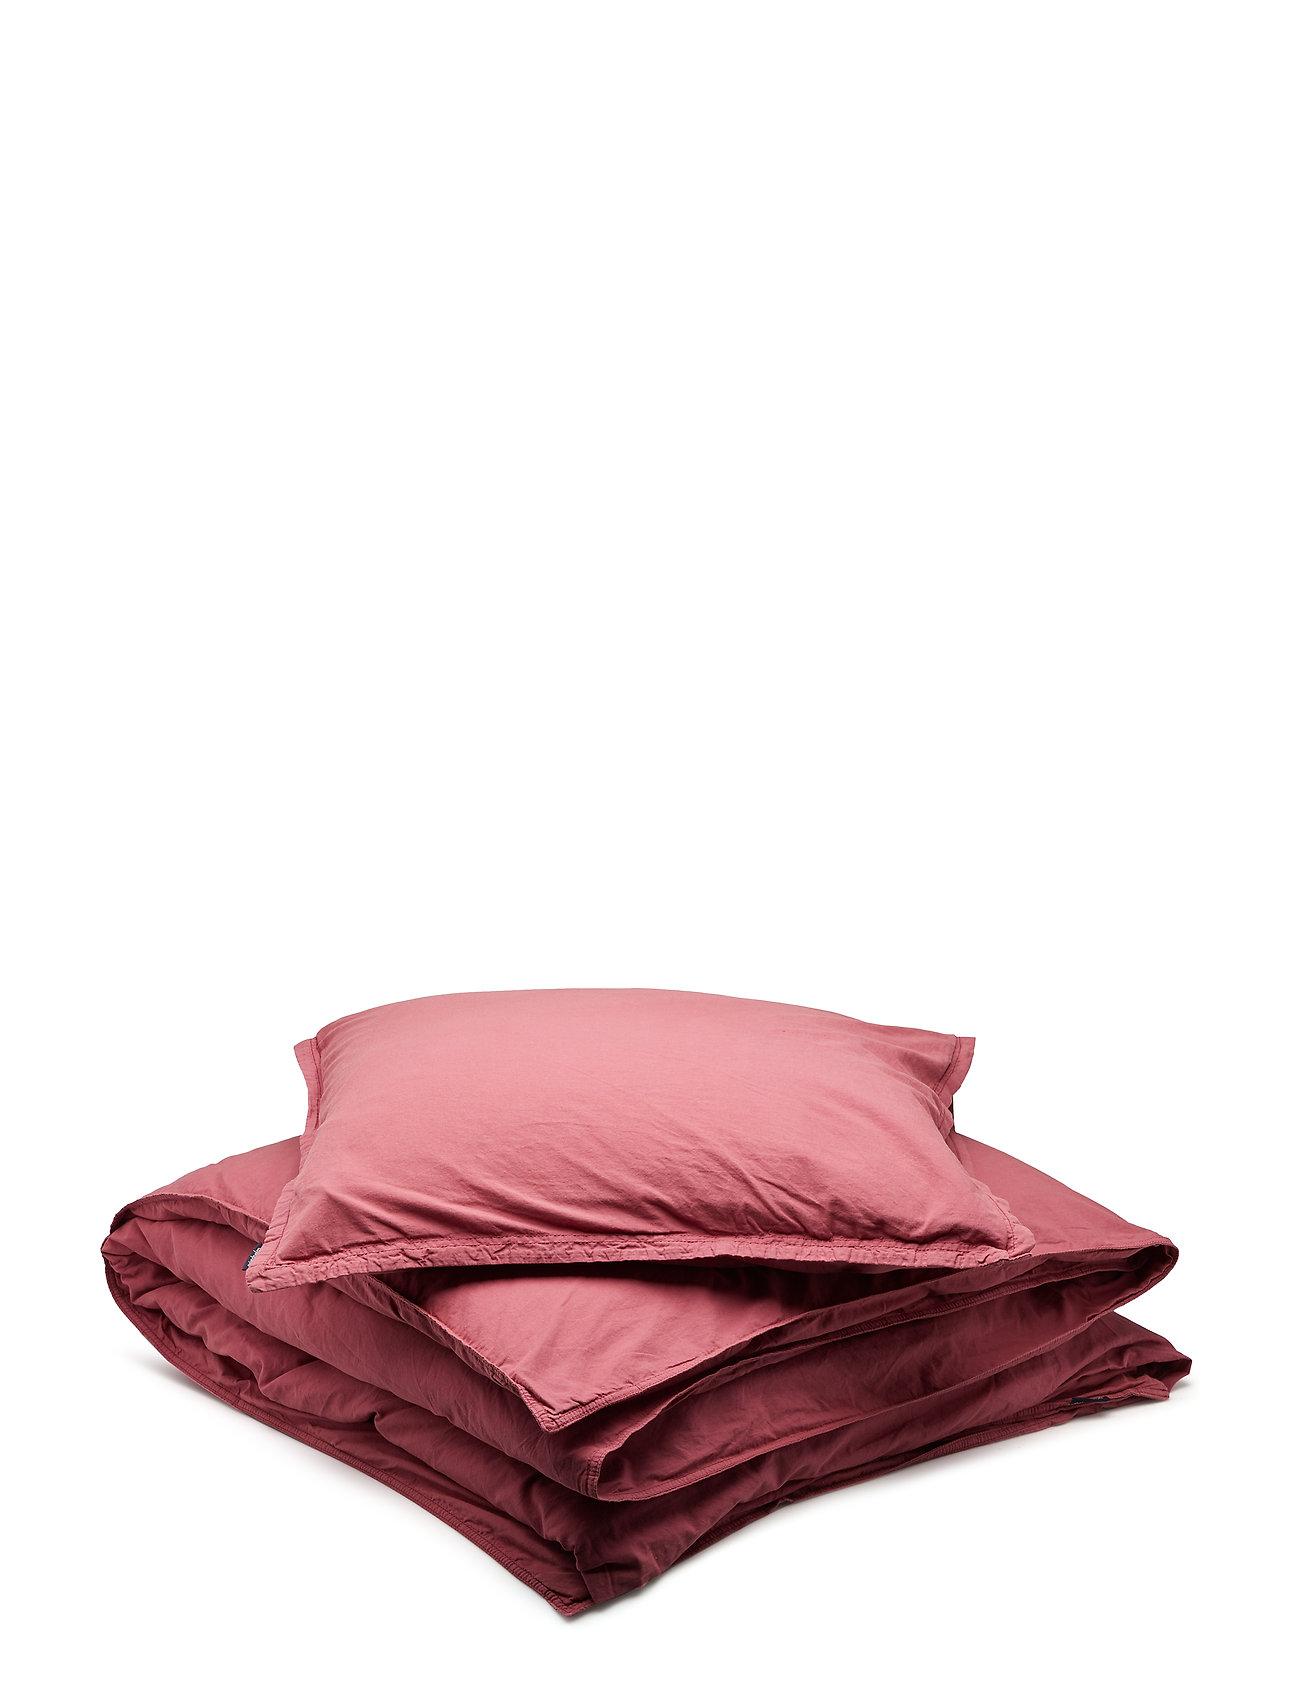 Set GotsrougeGripsholm Vintage Set Bed Bed 0PNwk8ZOXn